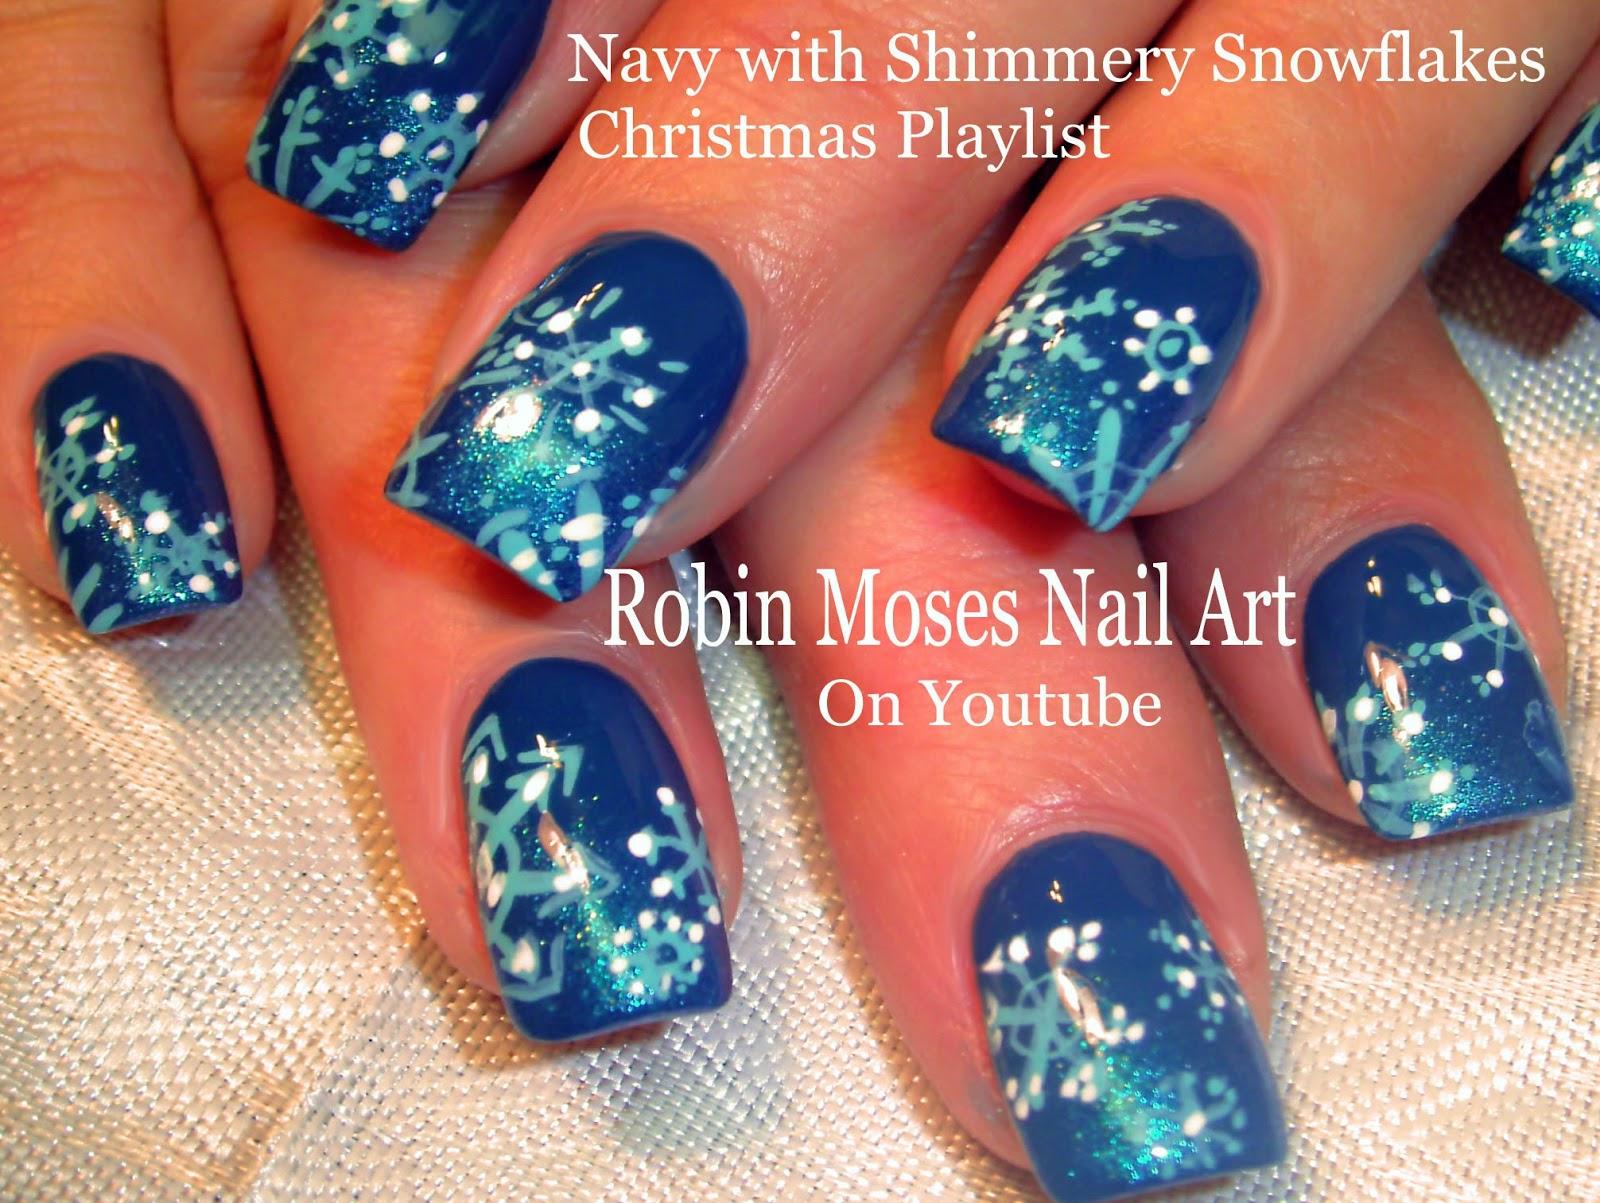 Robin moses nail art snowflake nail design cute snowflake nails snowflake nail design cute snowflake nails snowflake design snowflakes different snowflakes pretty snowflakes snowflake art prinsesfo Choice Image